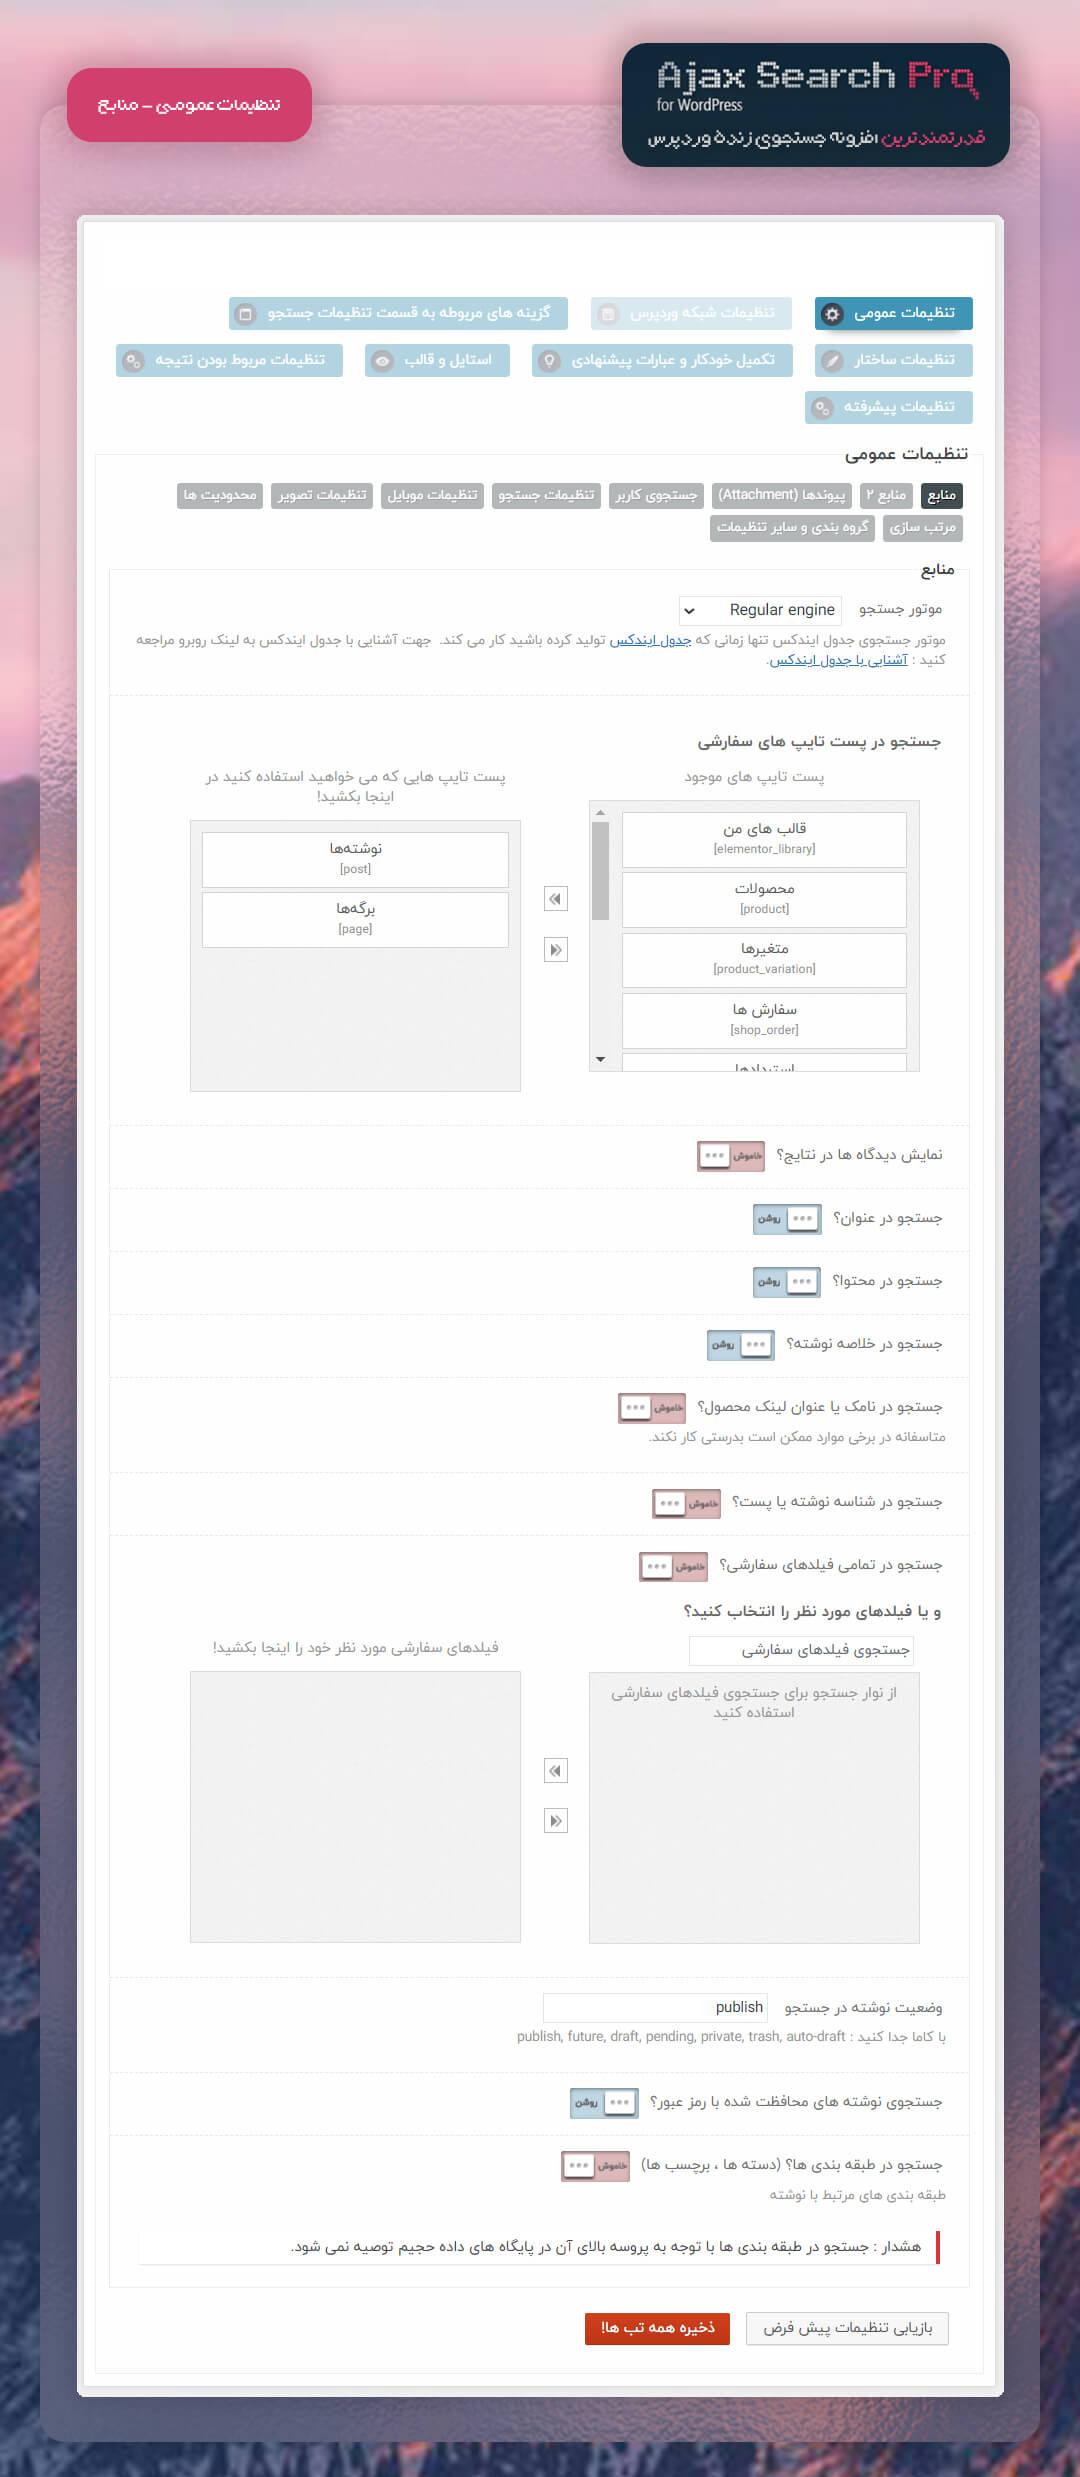 تنظیمات عمومی Ajax Search Pro